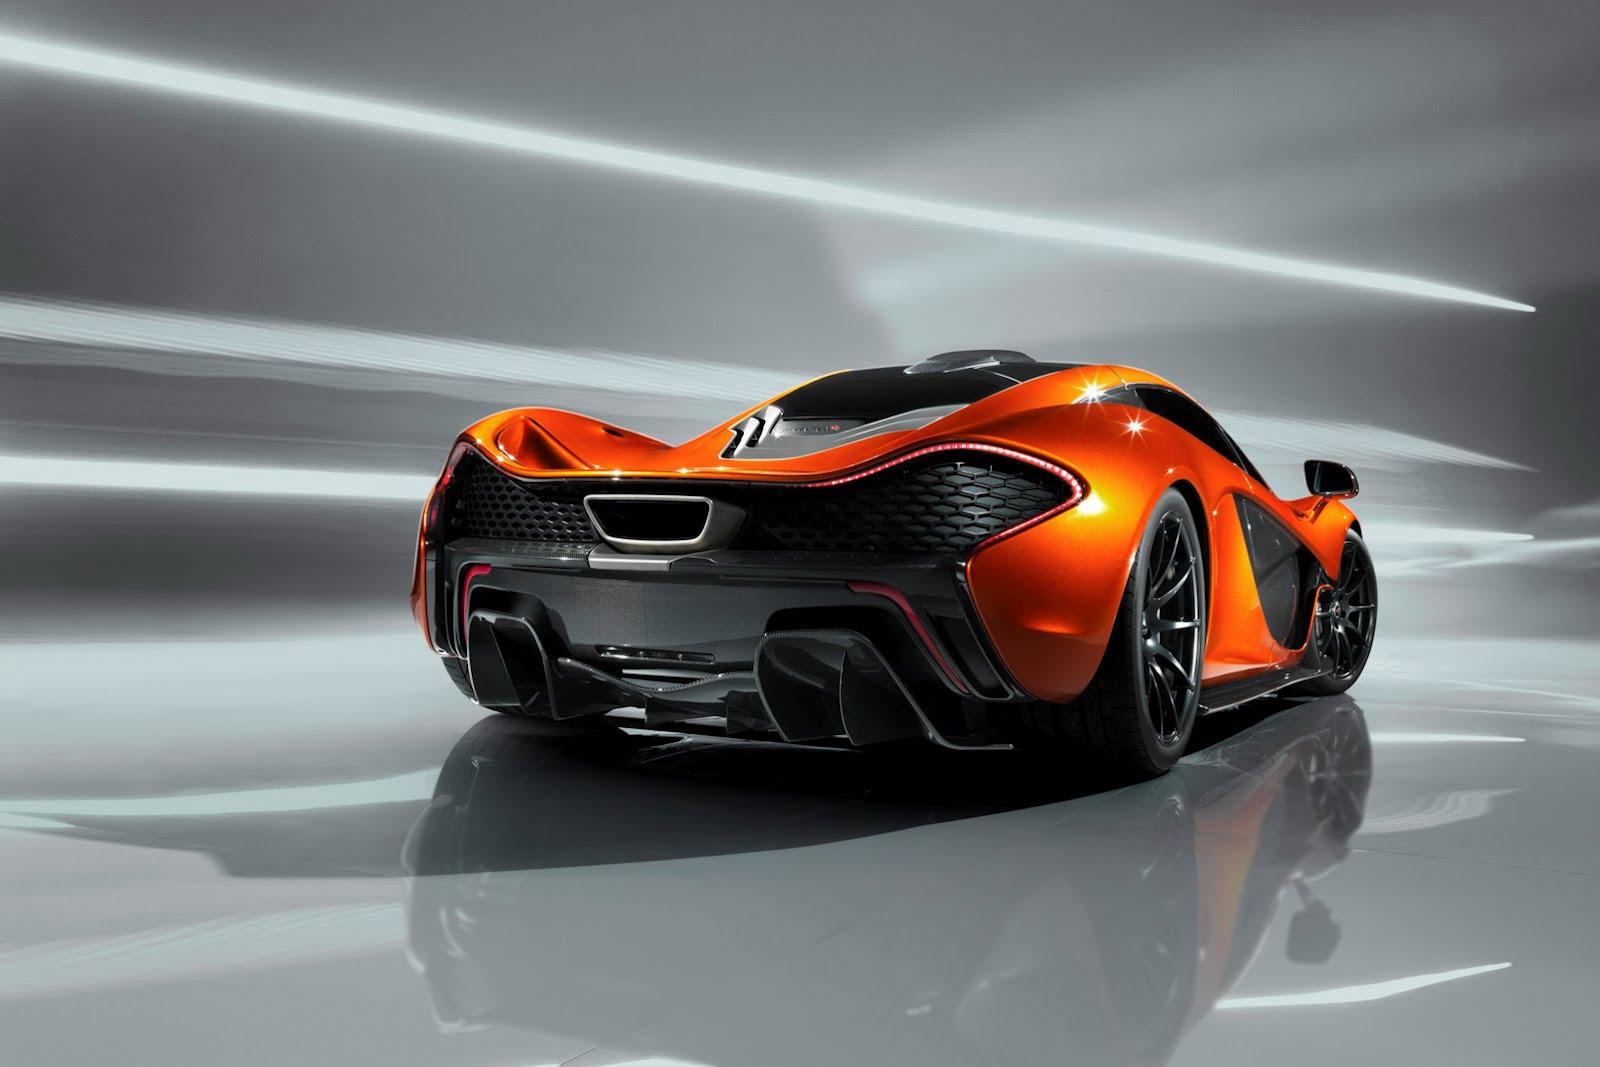 McLaren_P1_Rear